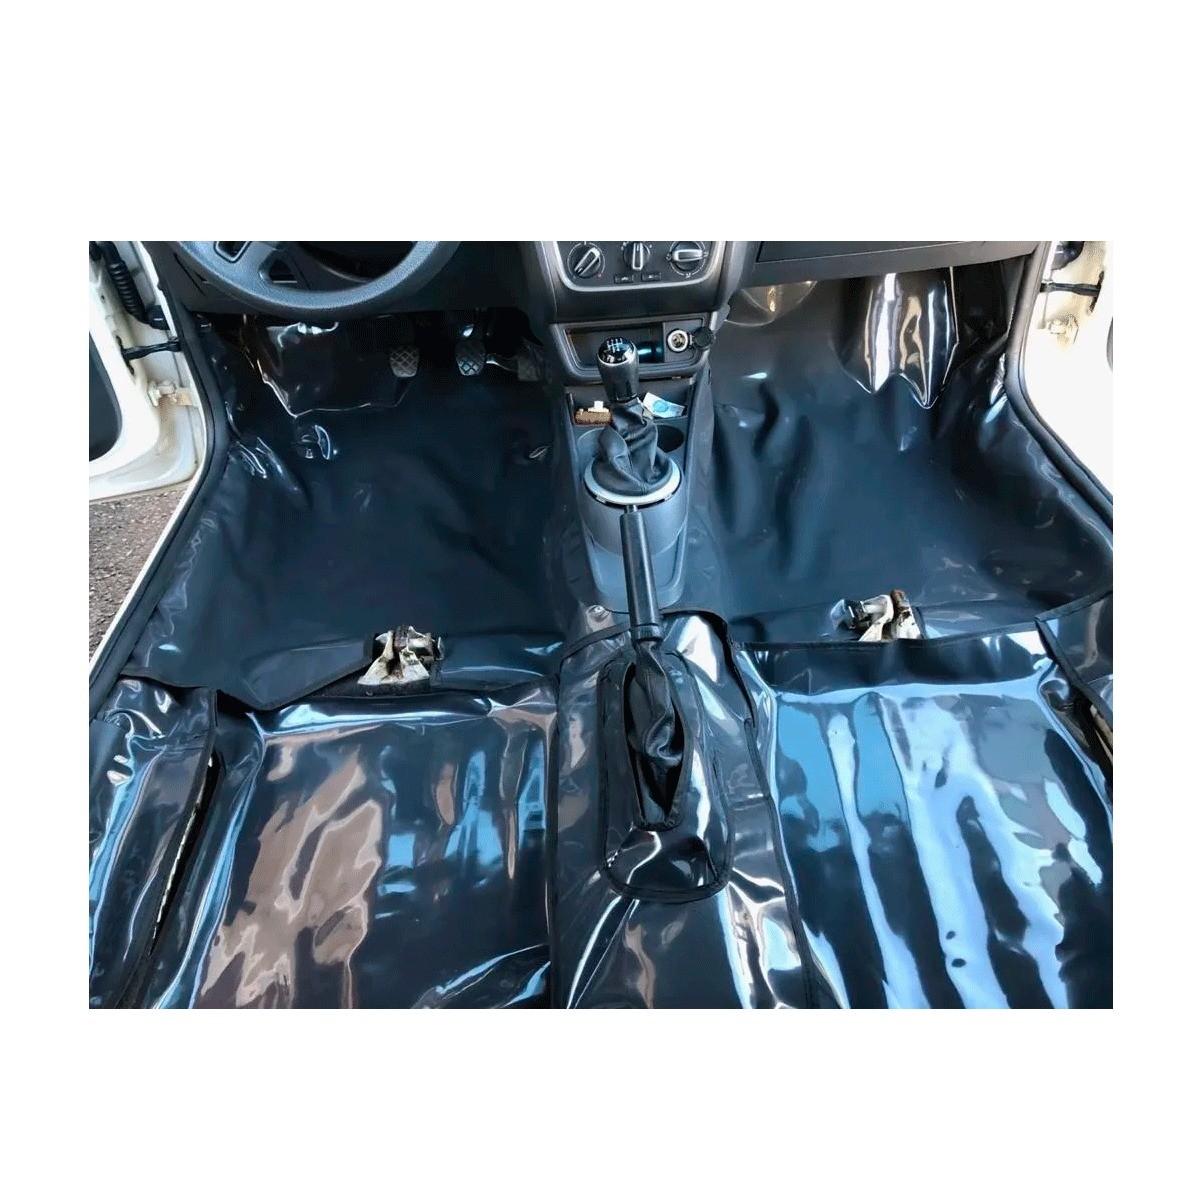 Tapete Proteção Assoalho do Fiat Strada Estendida 2004 a 2011 em Vinil Verniz Impermeável